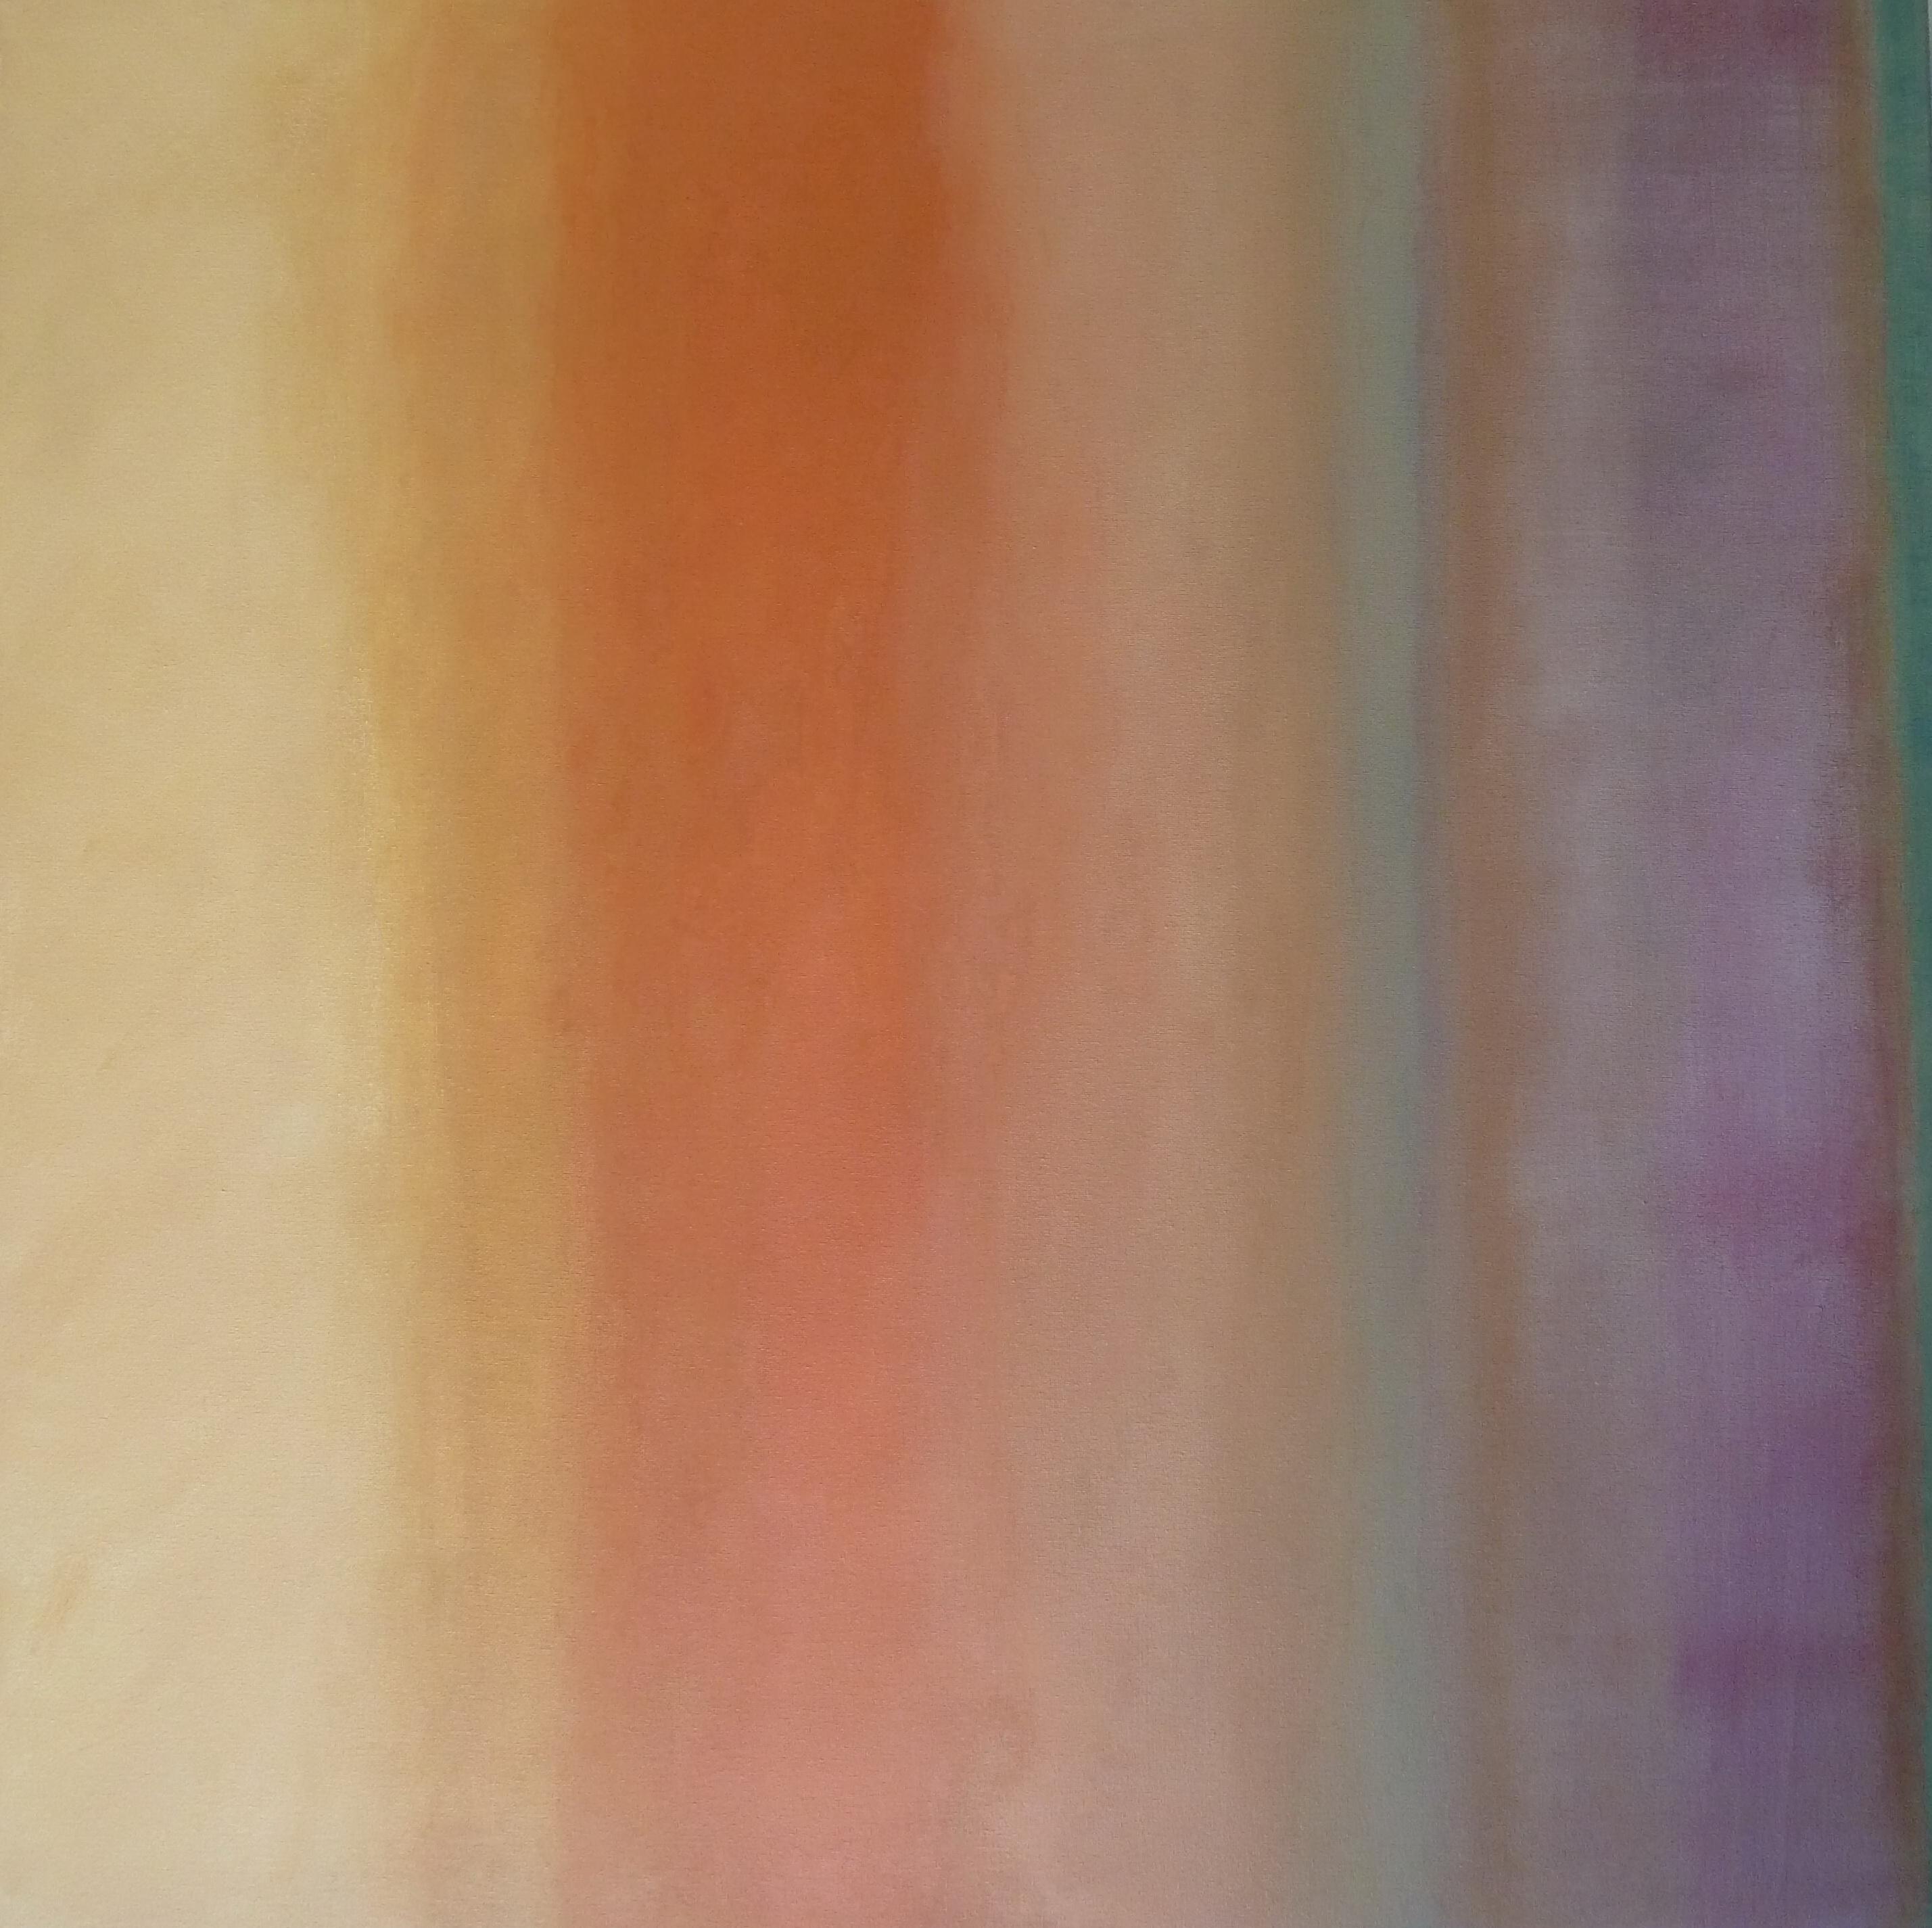 Farbräume2, 2017, Acryl, Leinwand, 80x80